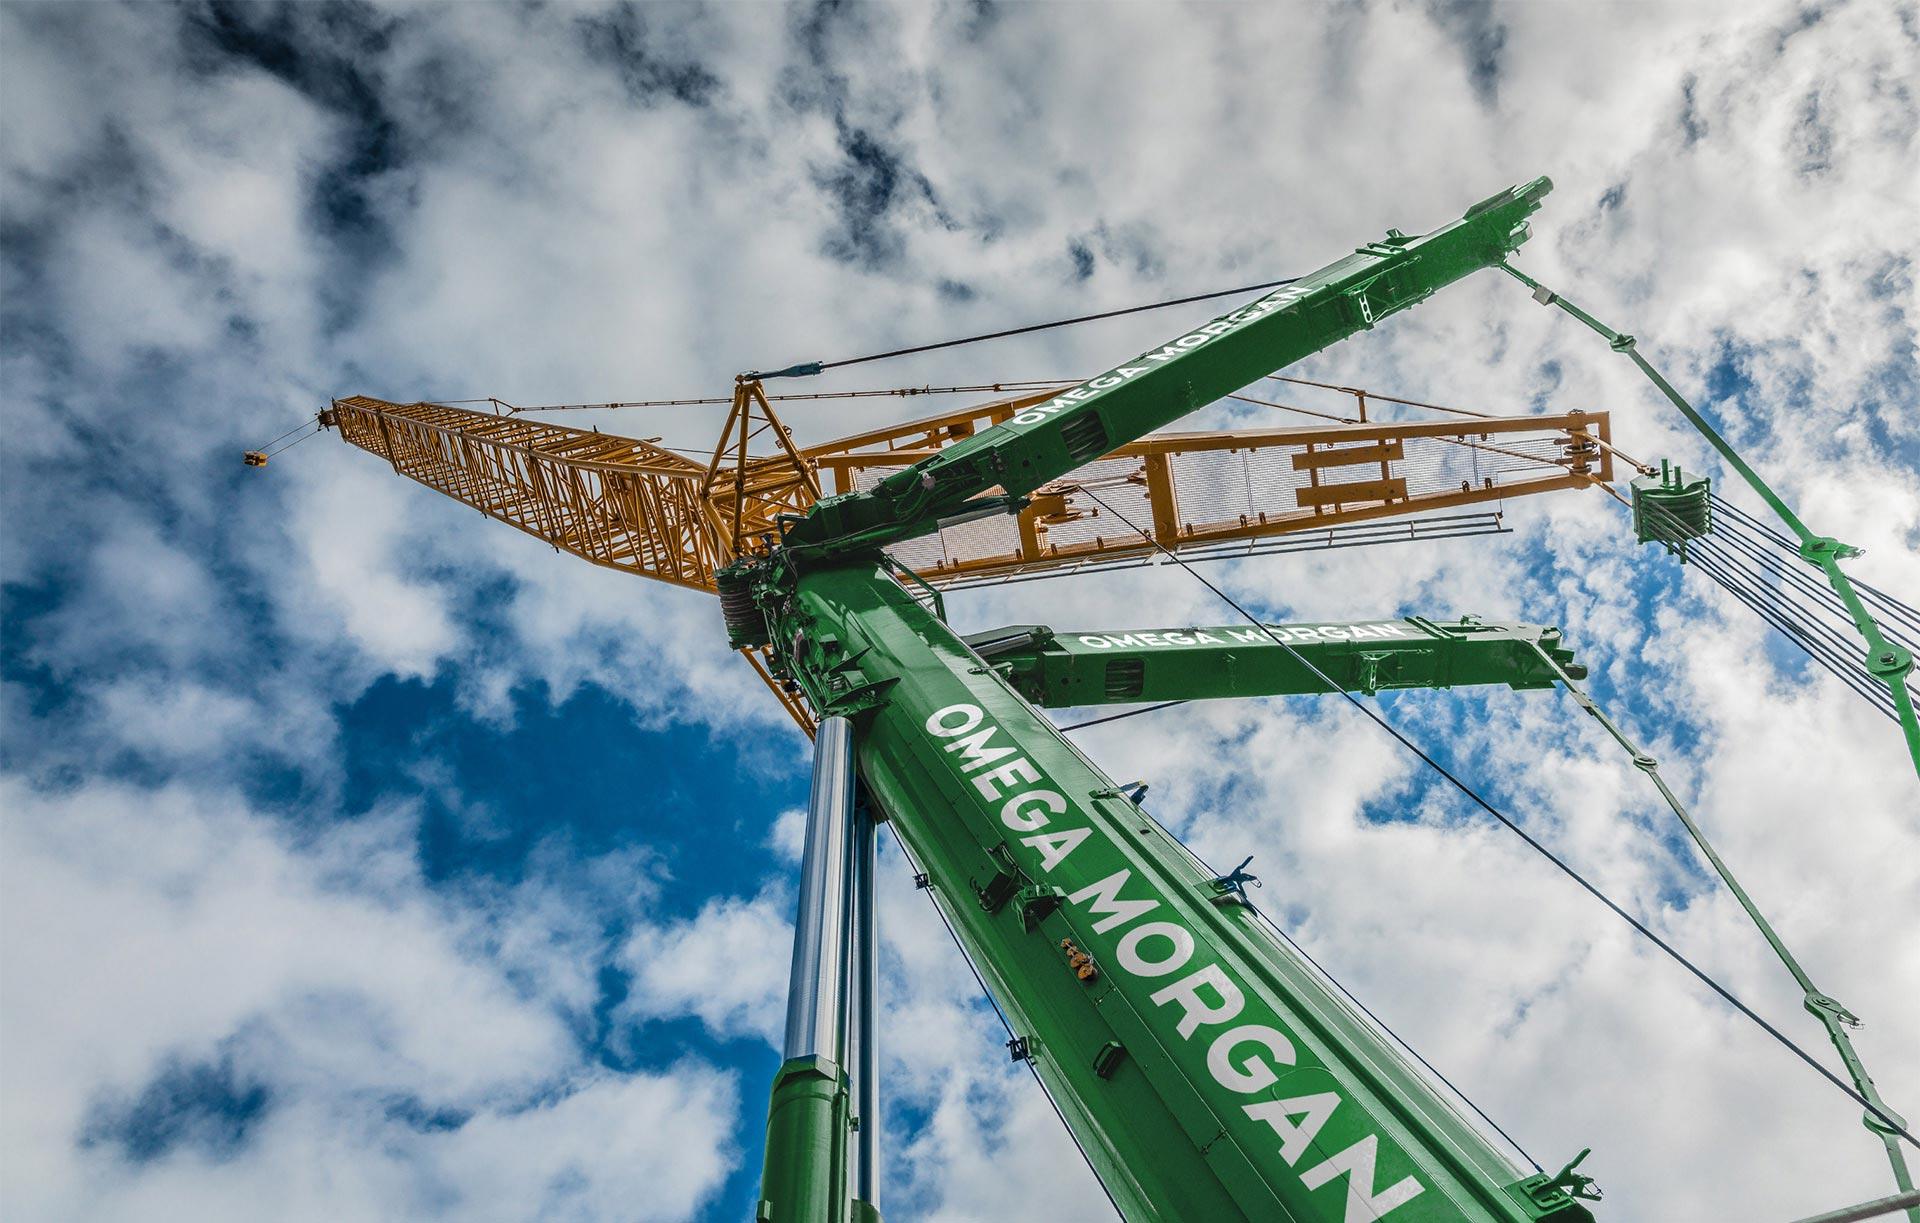 omega morgan crane and sky